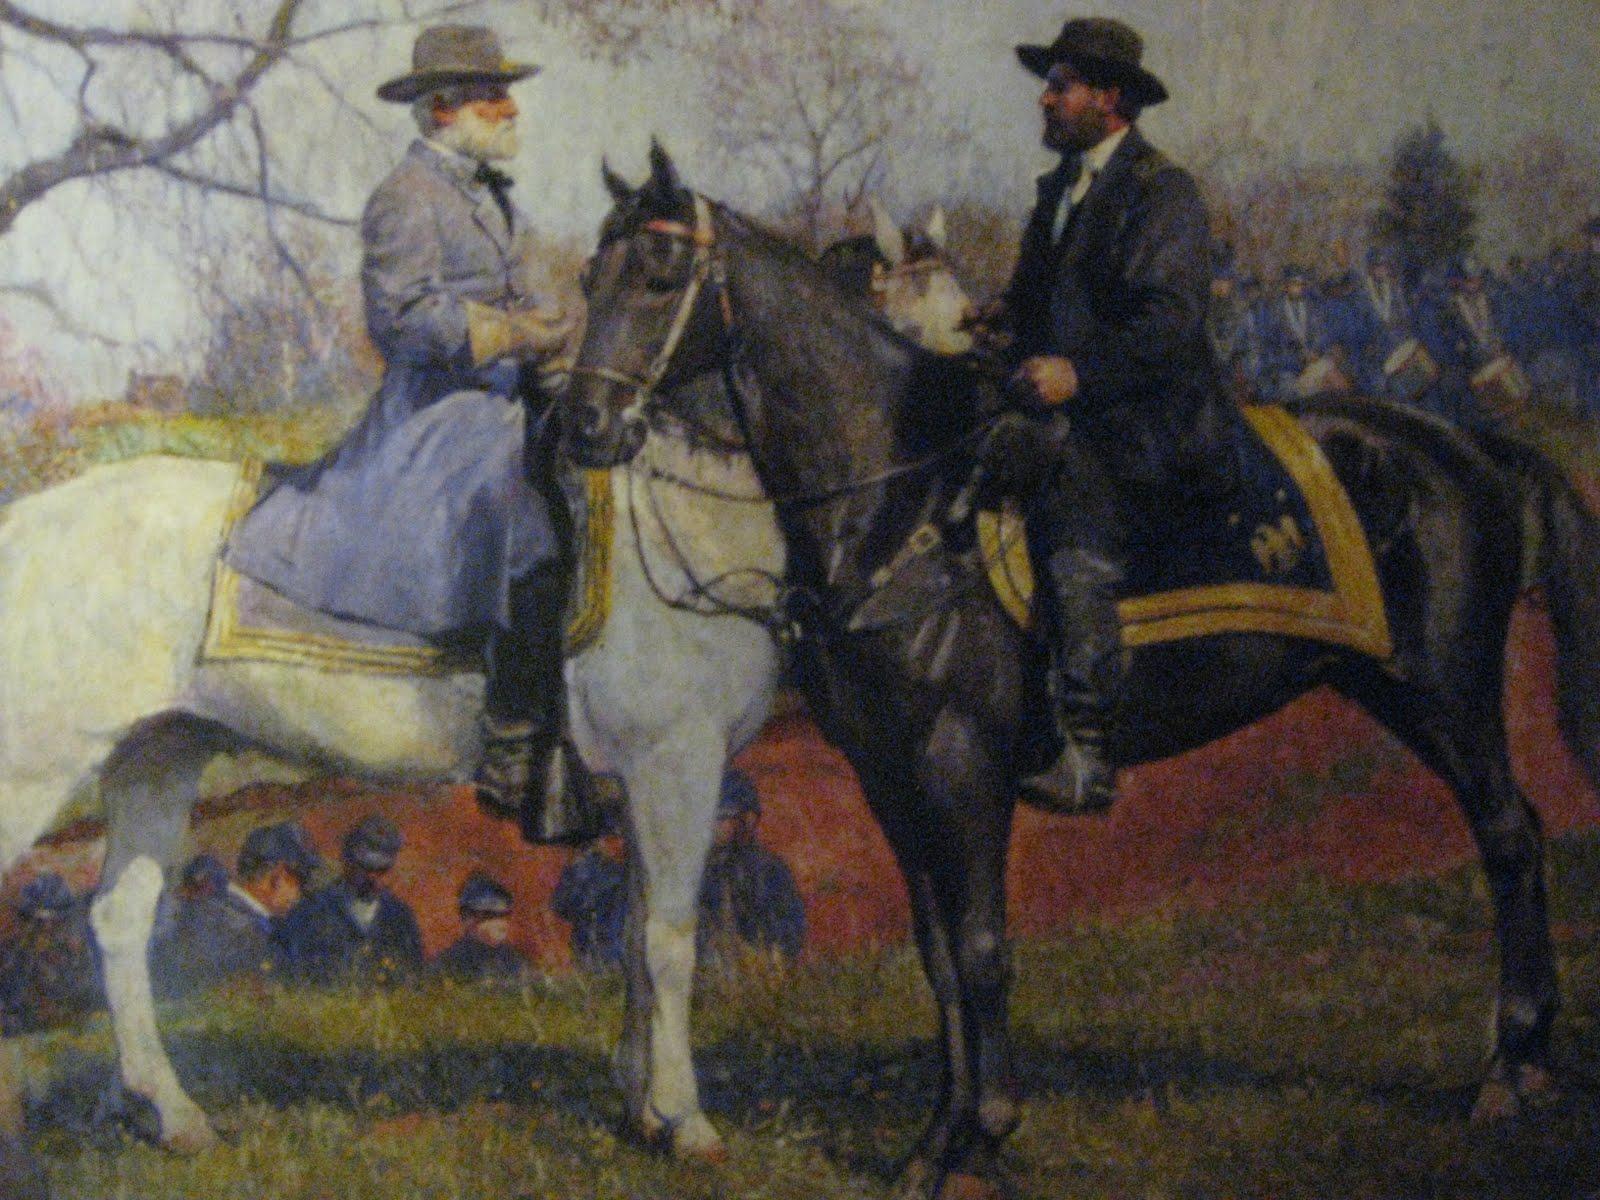 History_Civil_War_Surrender_at_Appomattox_SF_still_624x352.jpg